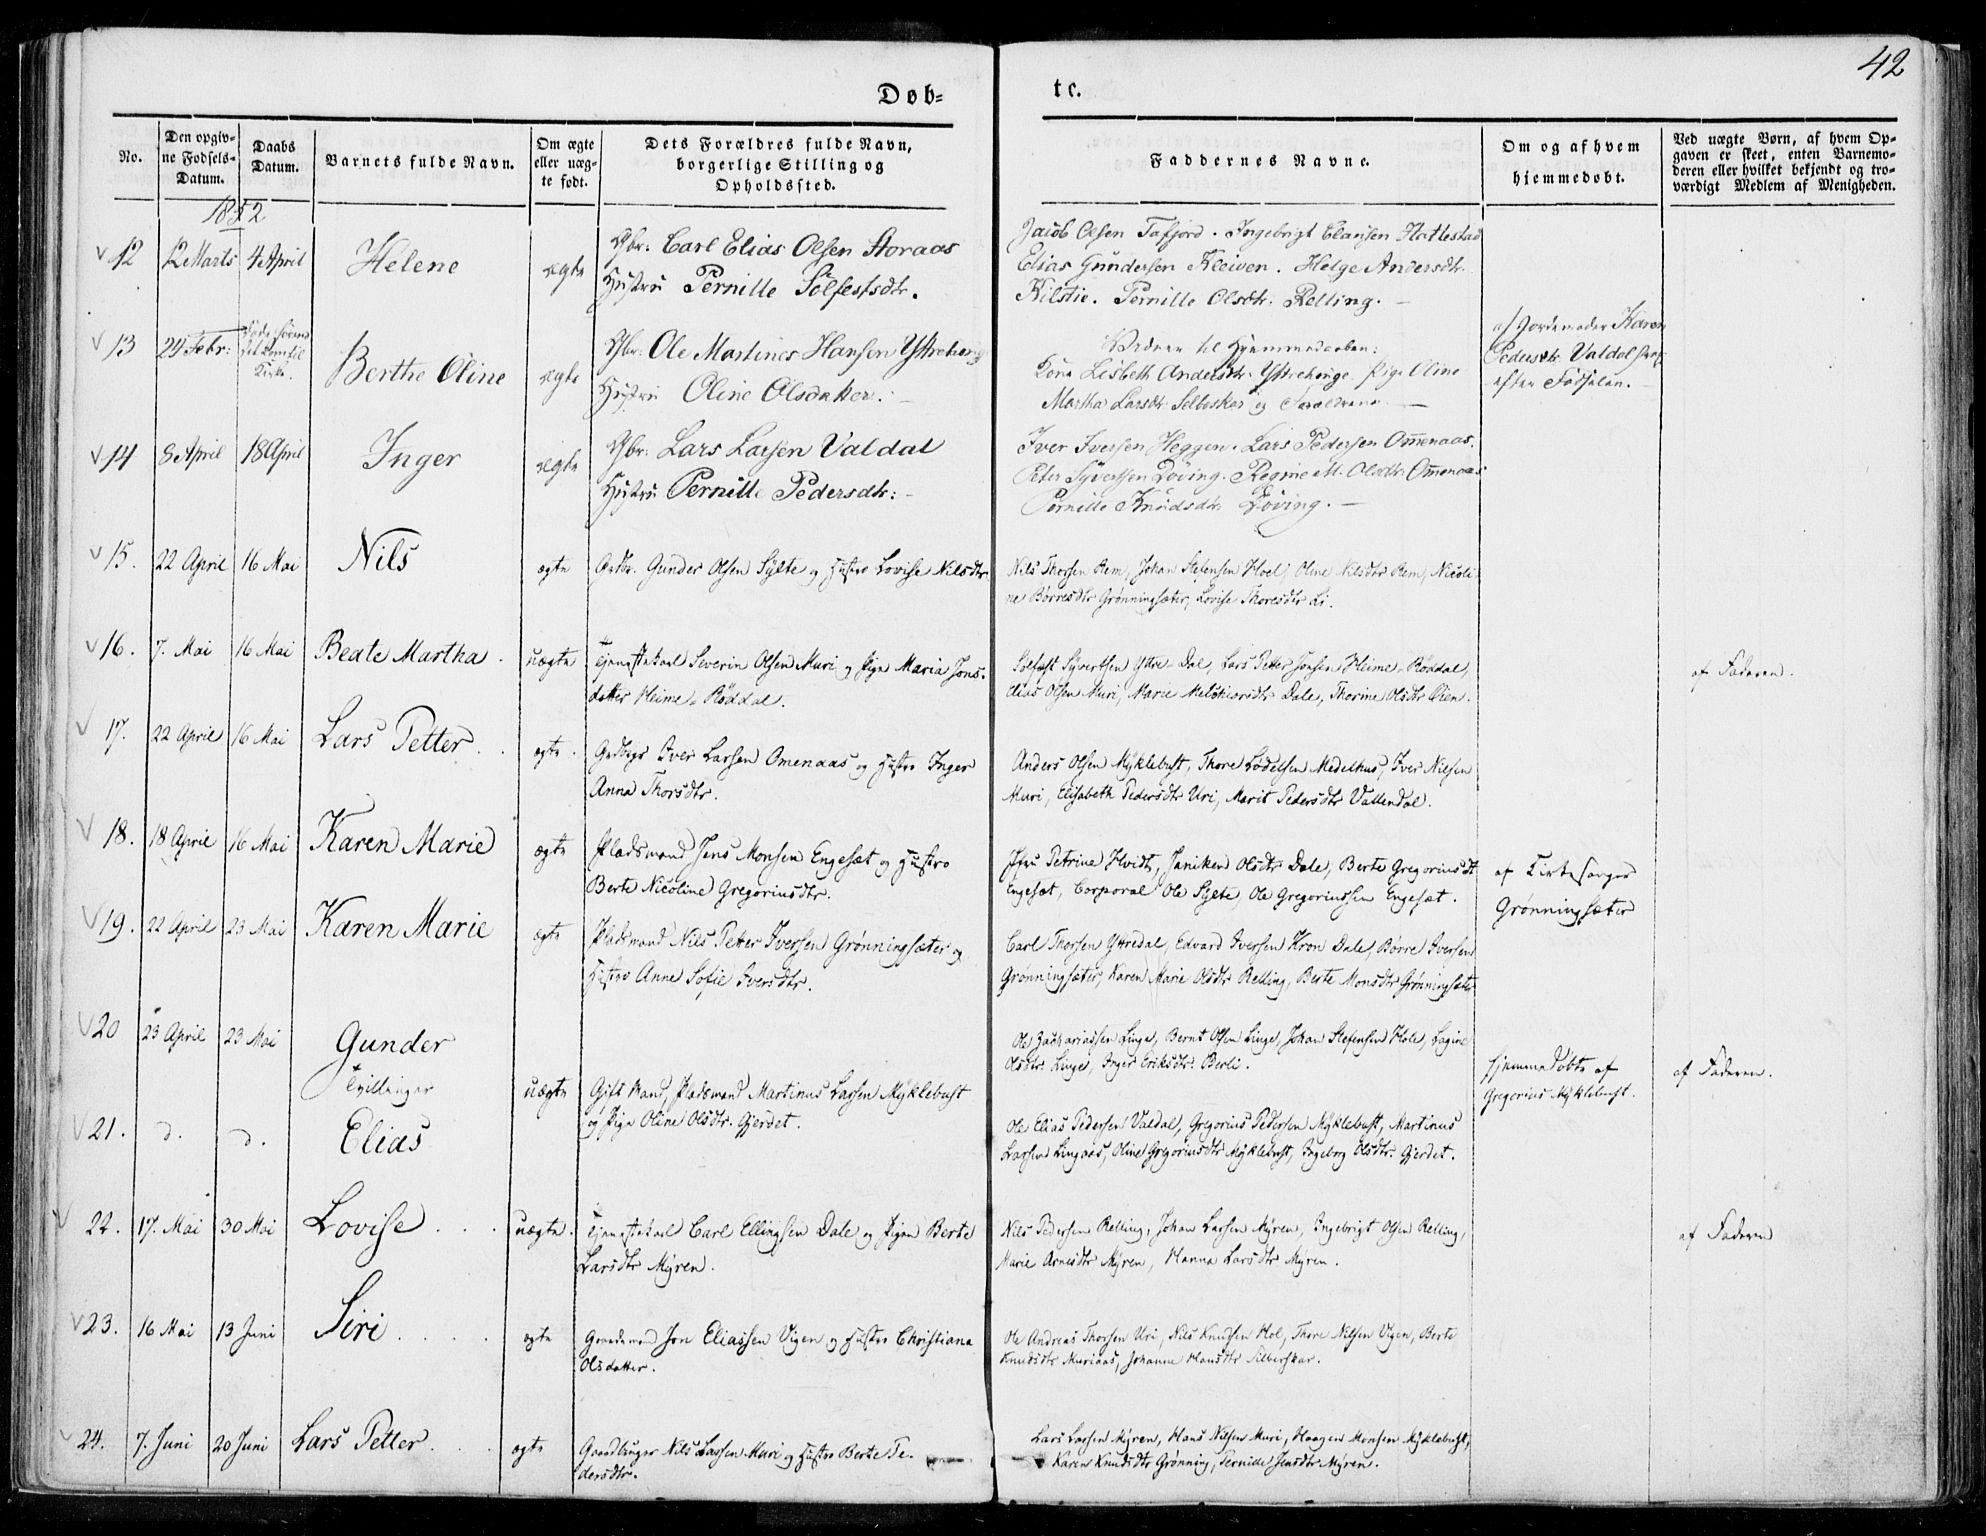 SAT, Ministerialprotokoller, klokkerbøker og fødselsregistre - Møre og Romsdal, 519/L0249: Ministerialbok nr. 519A08, 1846-1868, s. 42